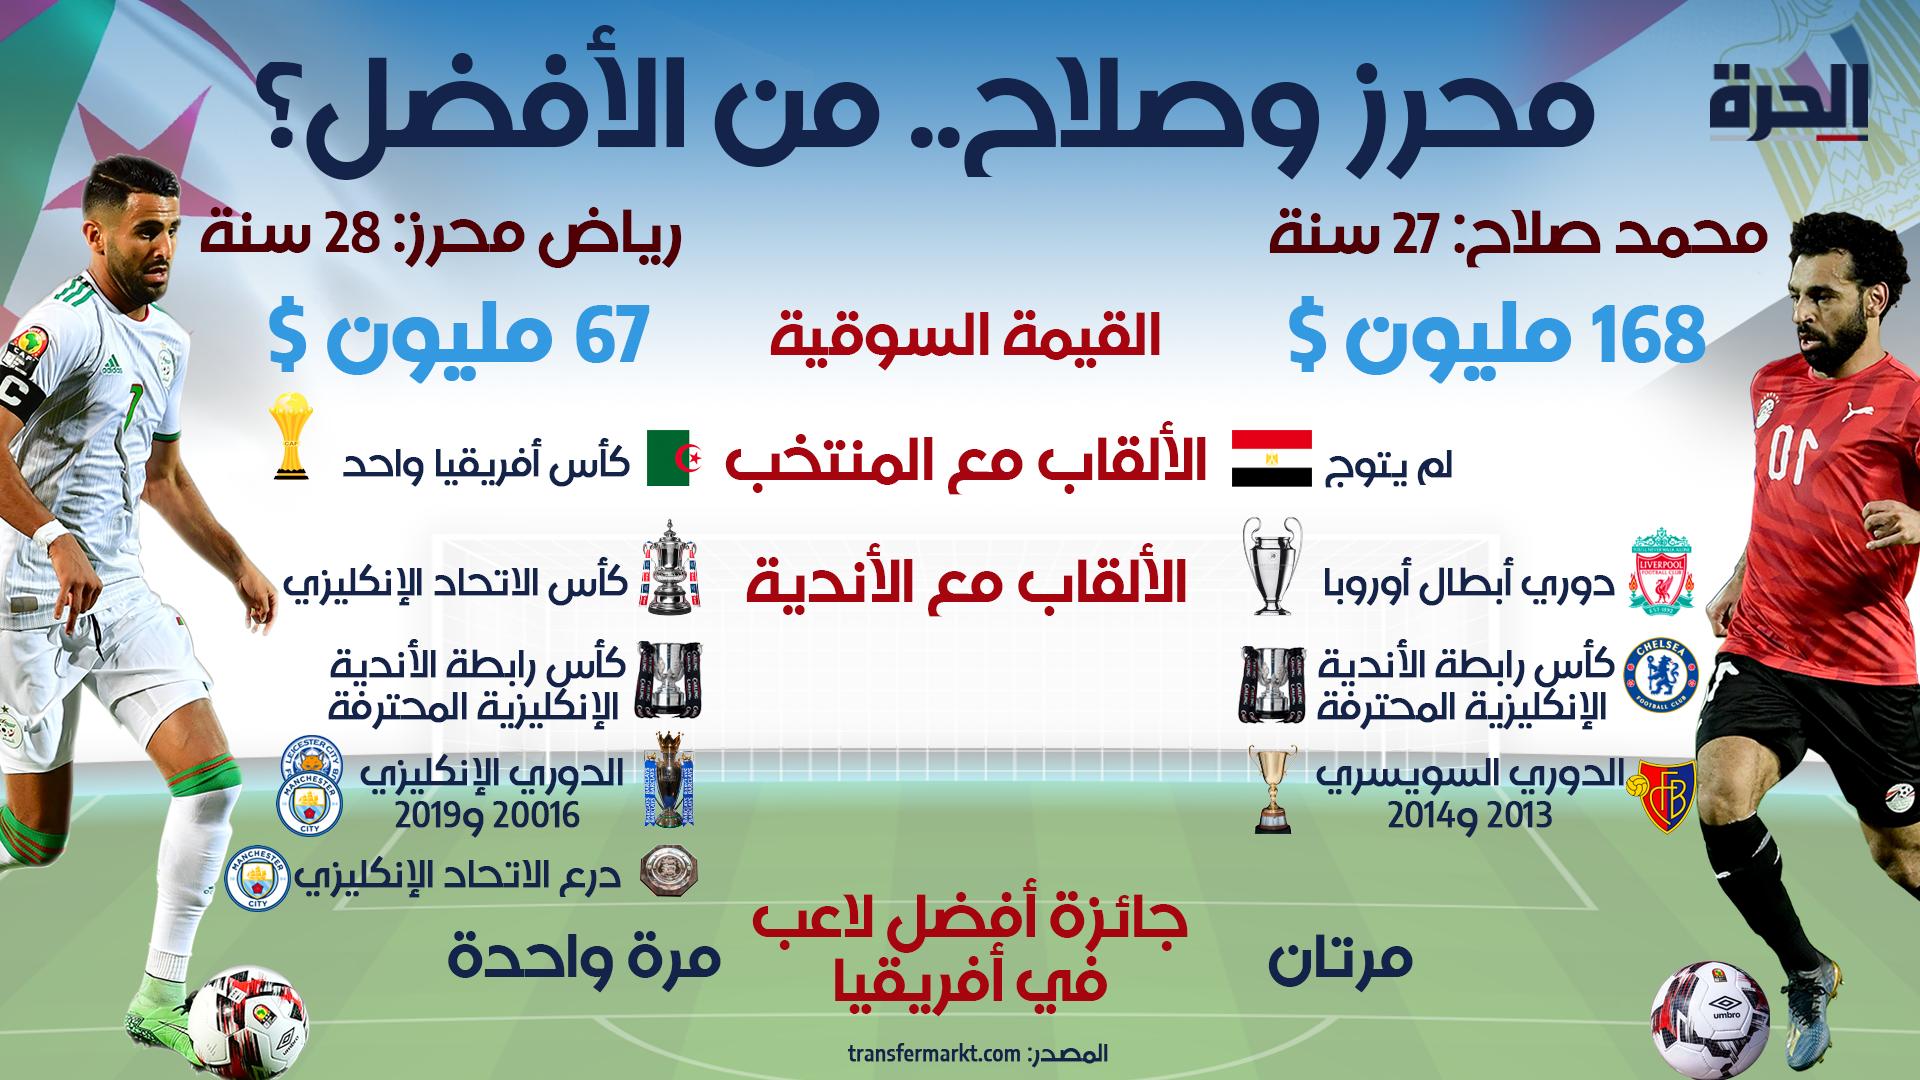 بالأرقام.. مقارنة بين نجمي كرة القدم رياض محرز ومحمد صلاح